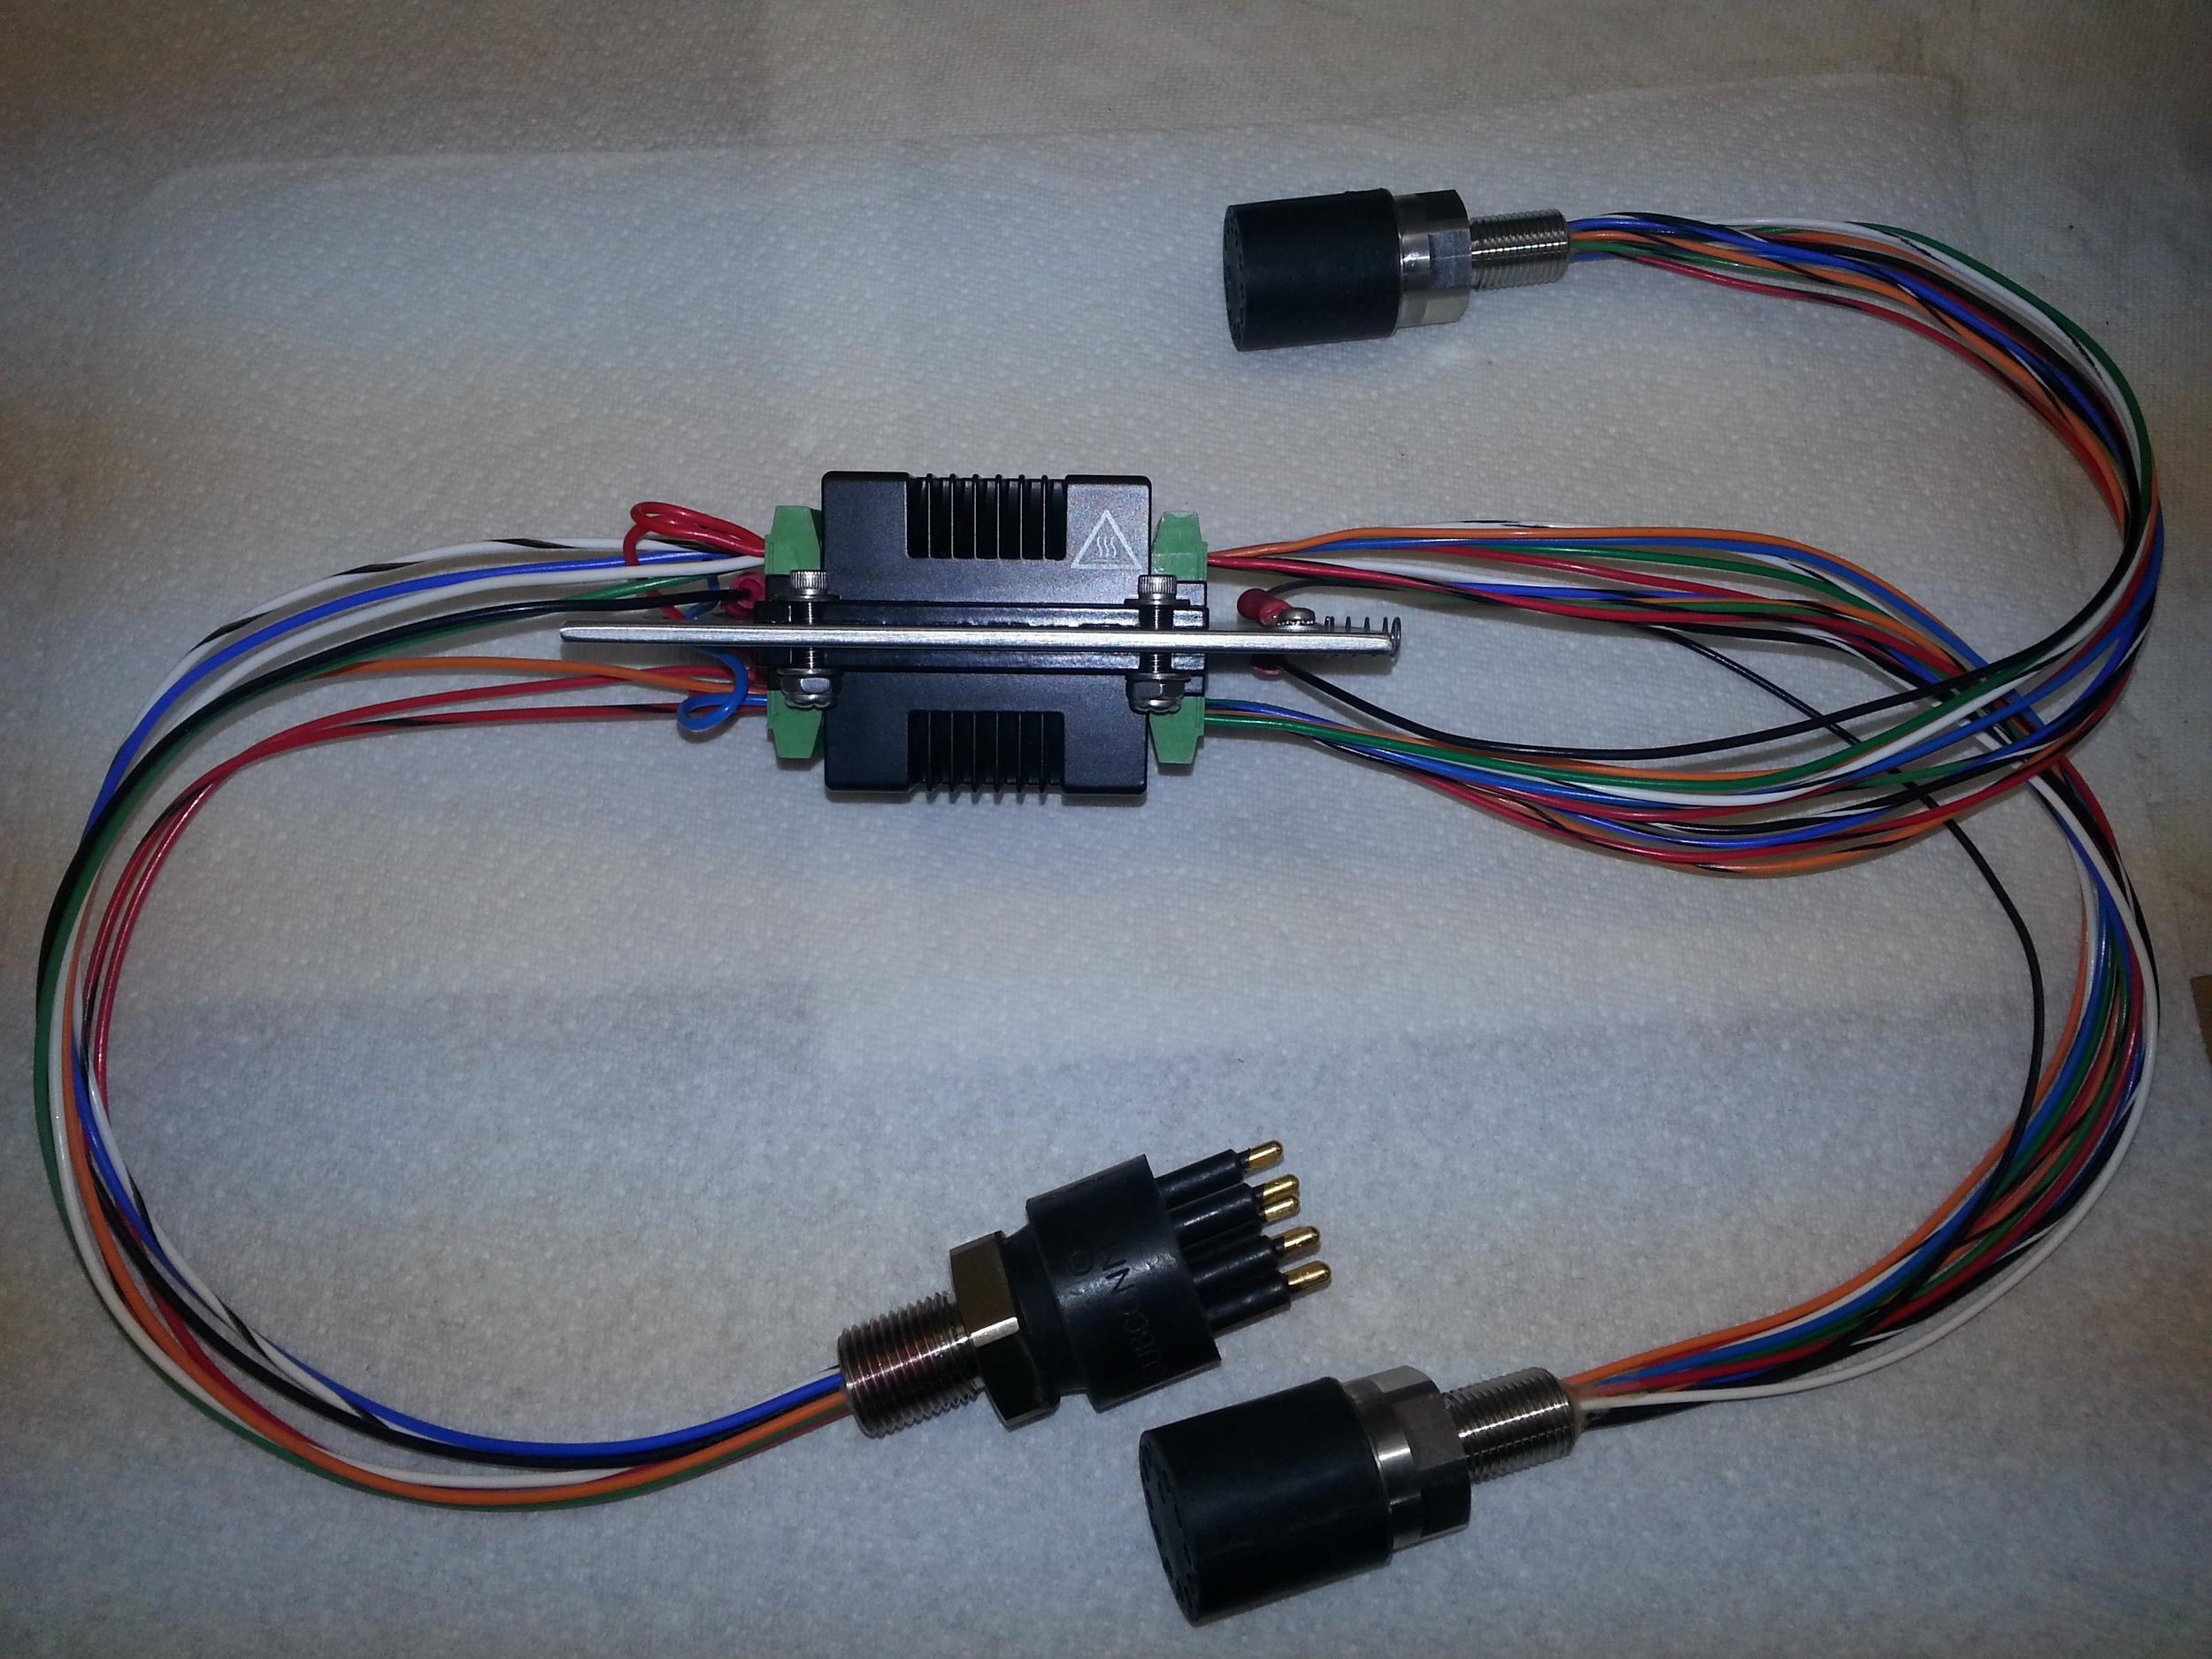 Dual Axis Analog Motor Drives